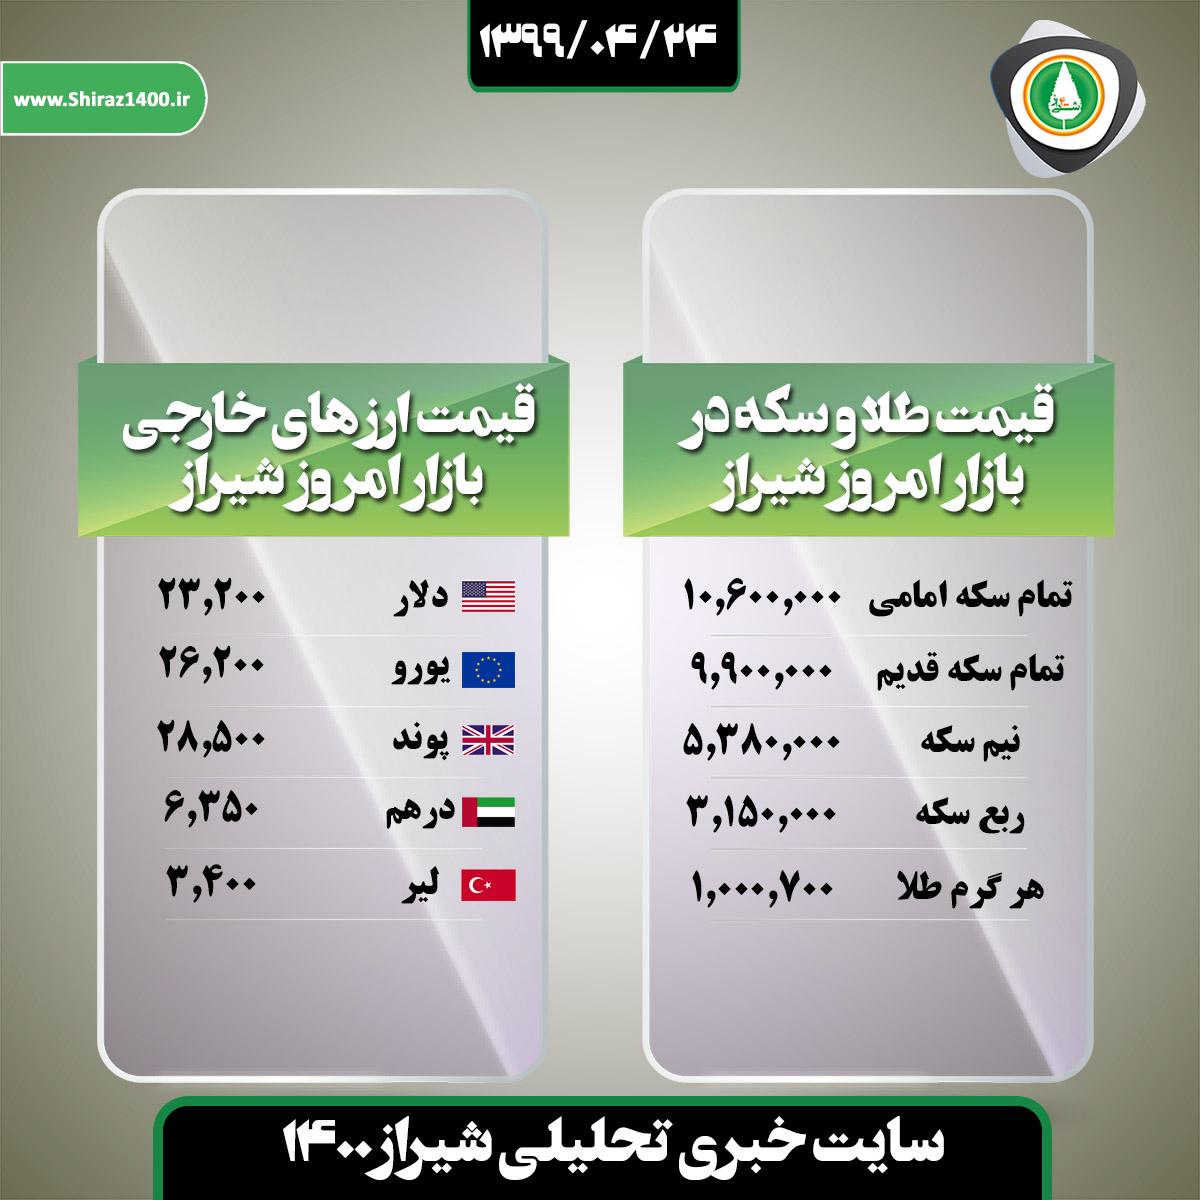 قیمت طلا و ارز در بازار امروز شیراز / ۲۴ تیر ۹۹